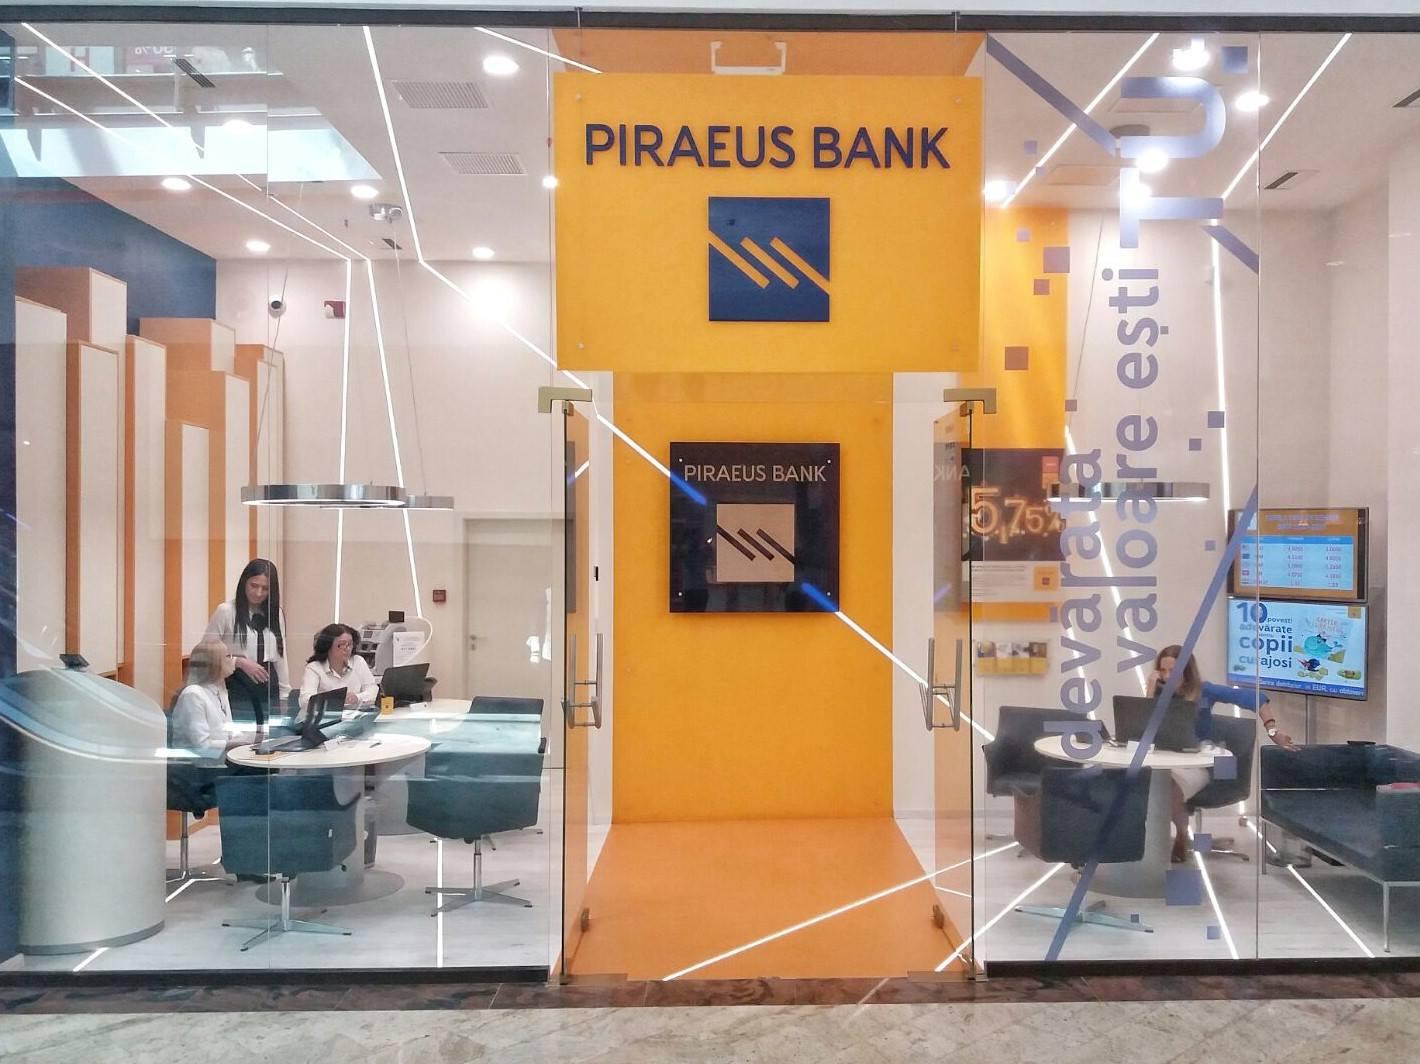 J.C. Flowers, EBRD complete acquisition of Greece's Piraeus Bank Romanian unit